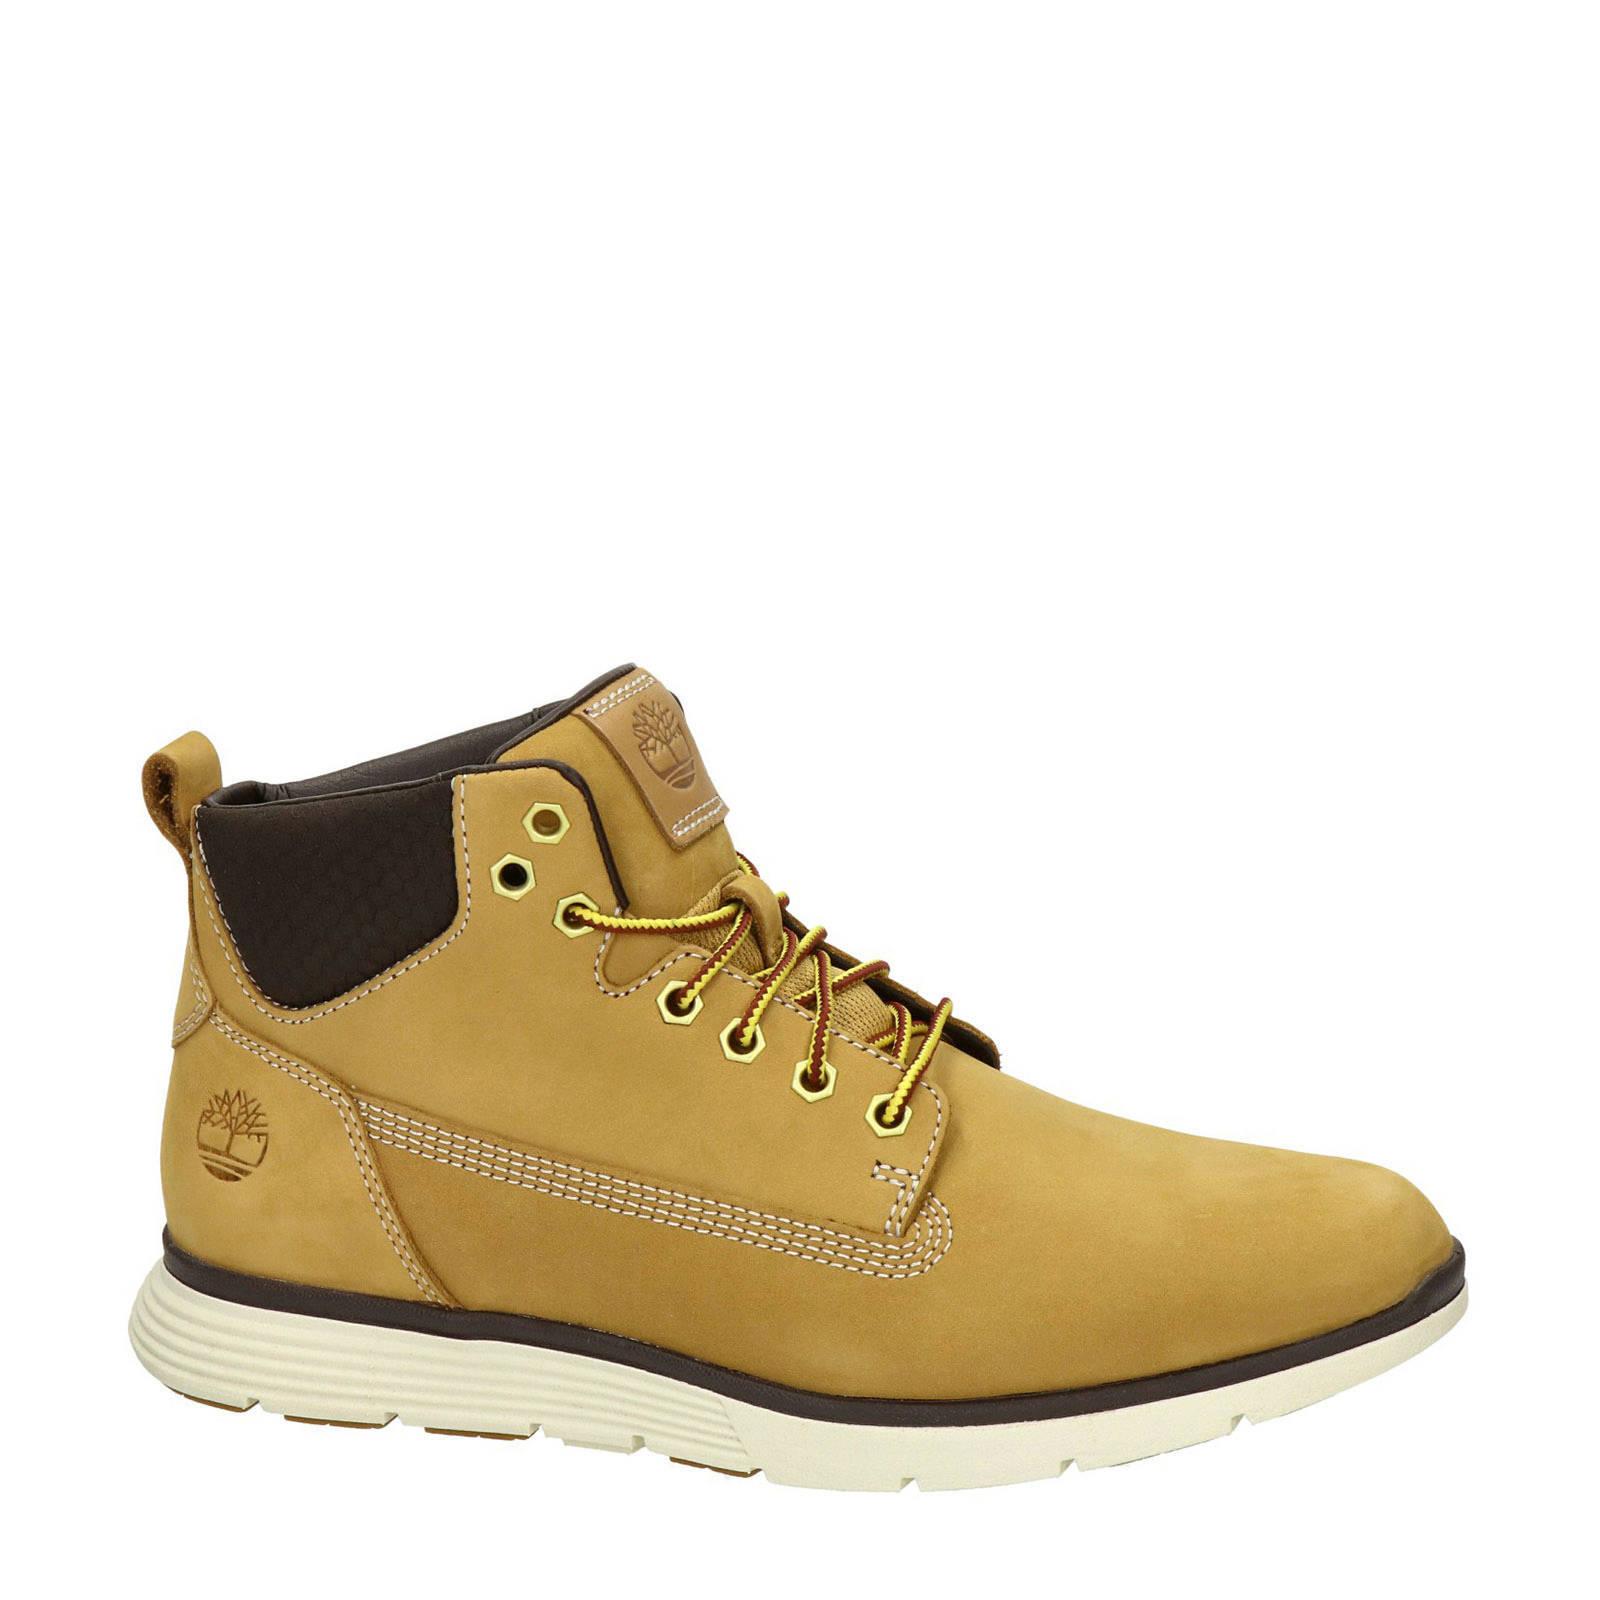 Timberland heren schoenen bij wehkamp Gratis bezorging